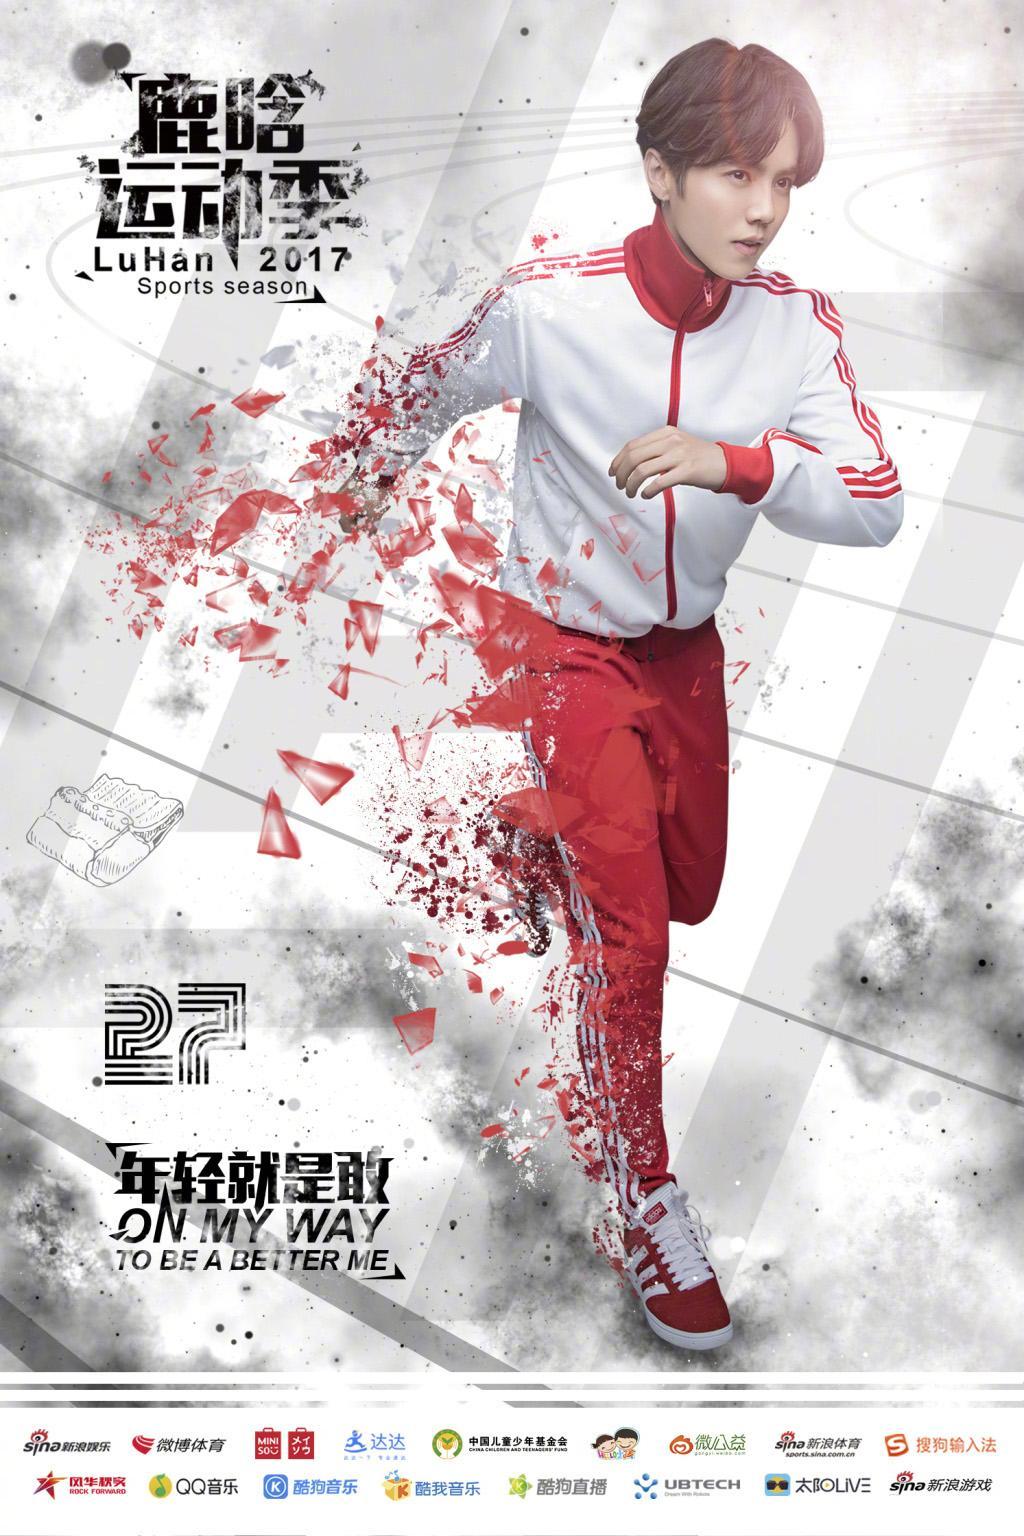 鹿晗运动季海报图片